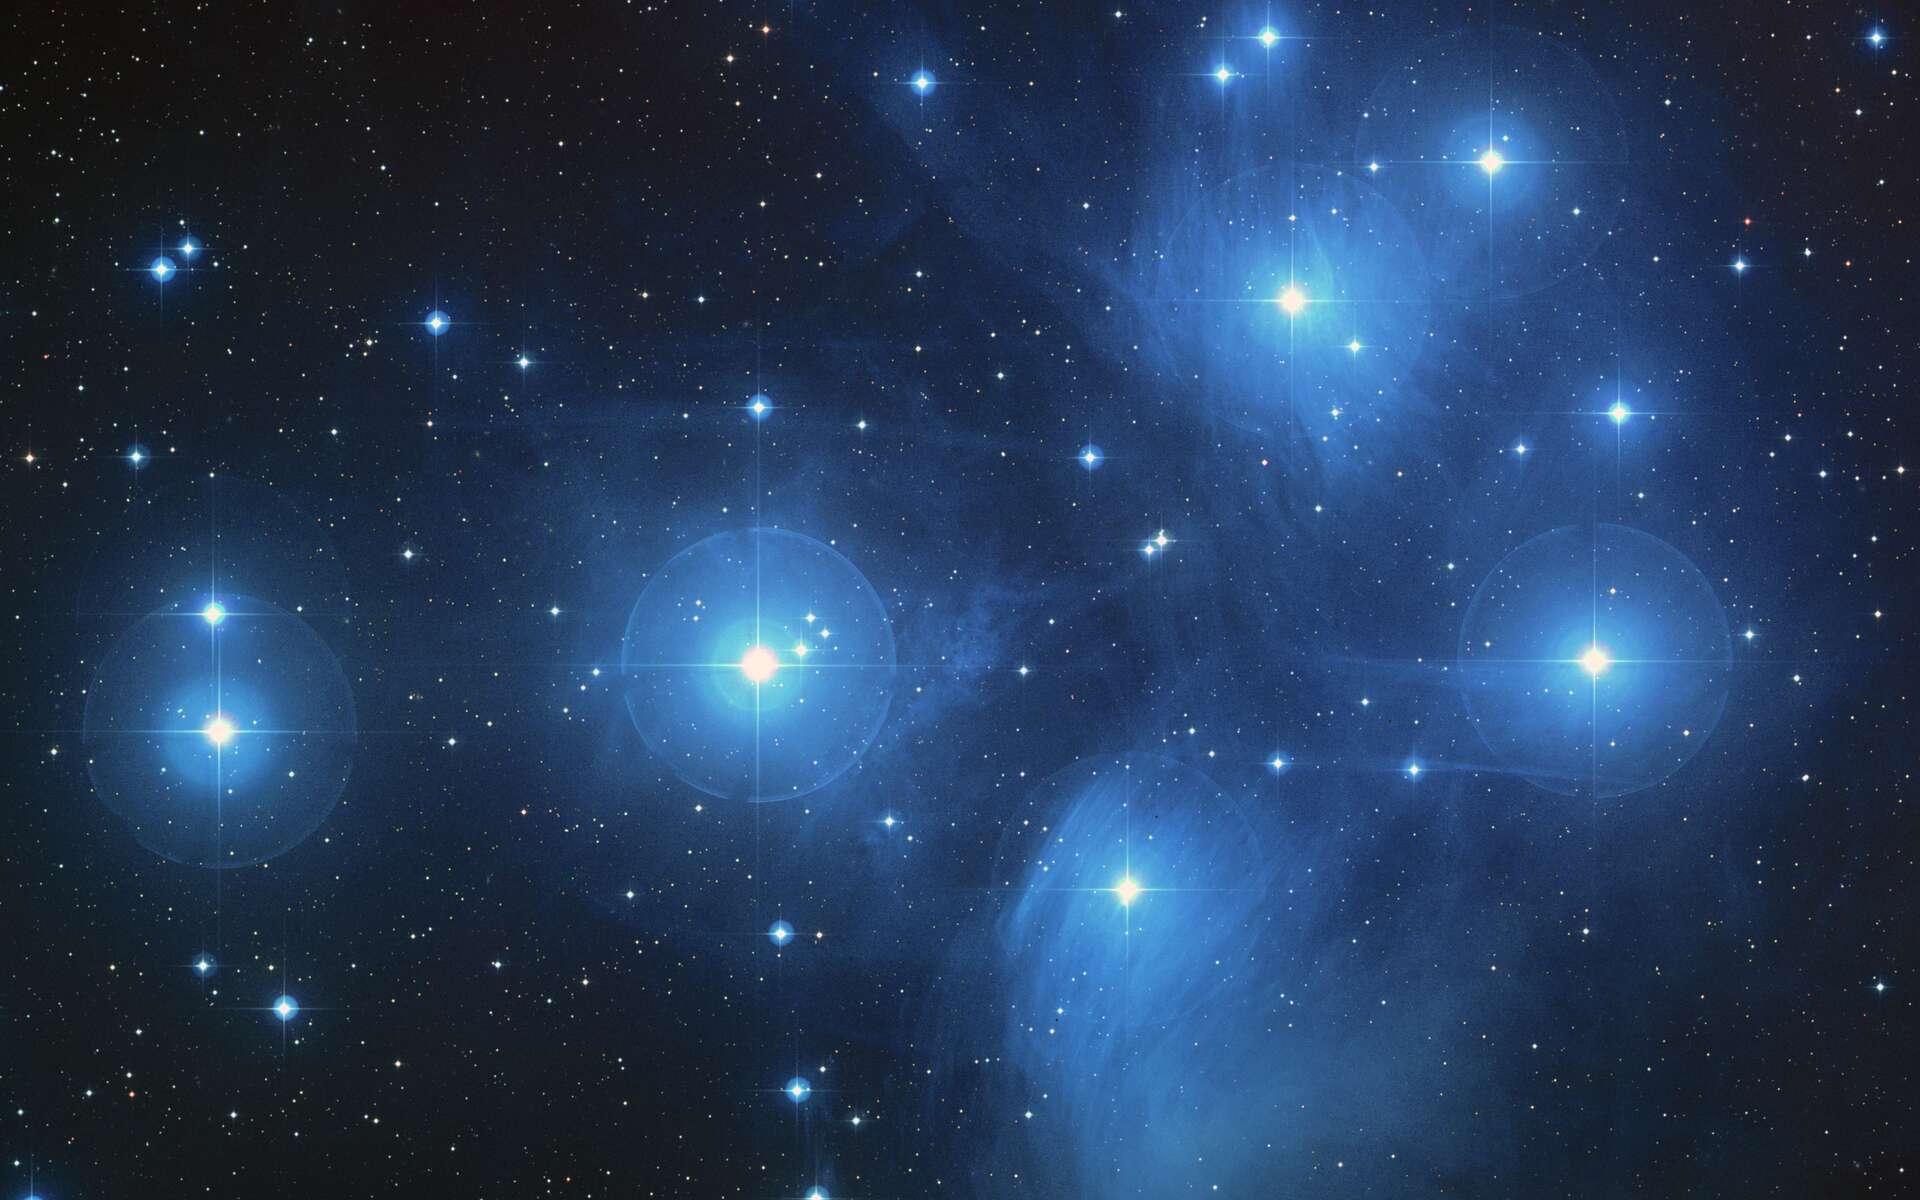 Une image des Pléiades (M45), un célèbre amas ouvert d'étoiles qui sont nées il y a environ 135 millions d'années. Cet âge signifie que toutes les étoiles massives formées dans cet amas auraient explosé en supernovae quand les ammonites étaient très abondantes dans les mers. Selon Henrik Svensmark, le taux de supernovae proches aurait fortement influencé la diversité de ces invertébrés marins. © Nasa, Esa and Aura/Caltech